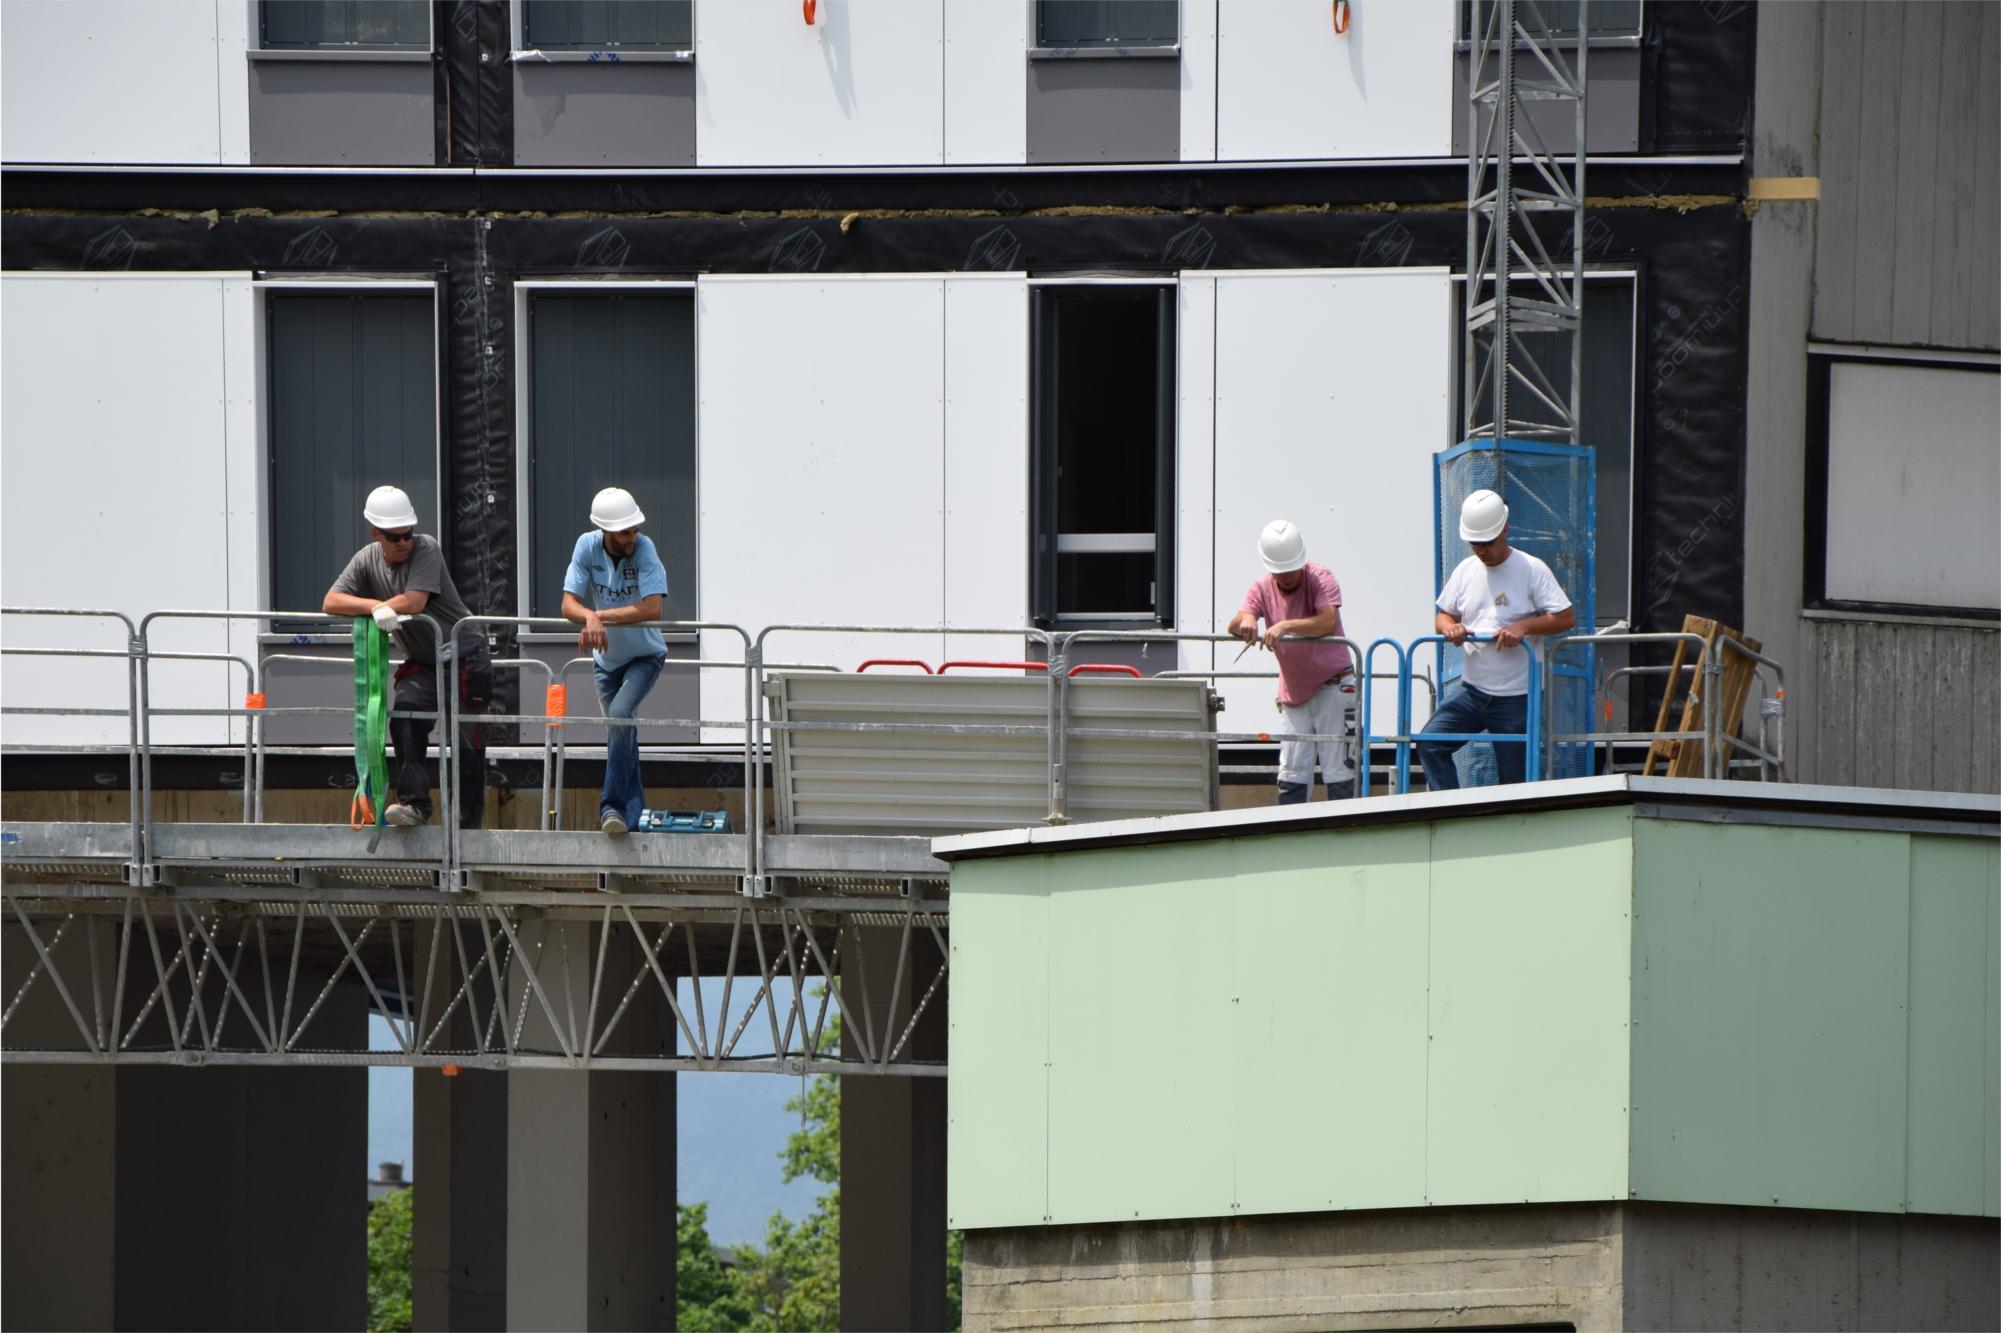 L'équipe pluridisciplinaire en charge de la rénovation urbaine désignée